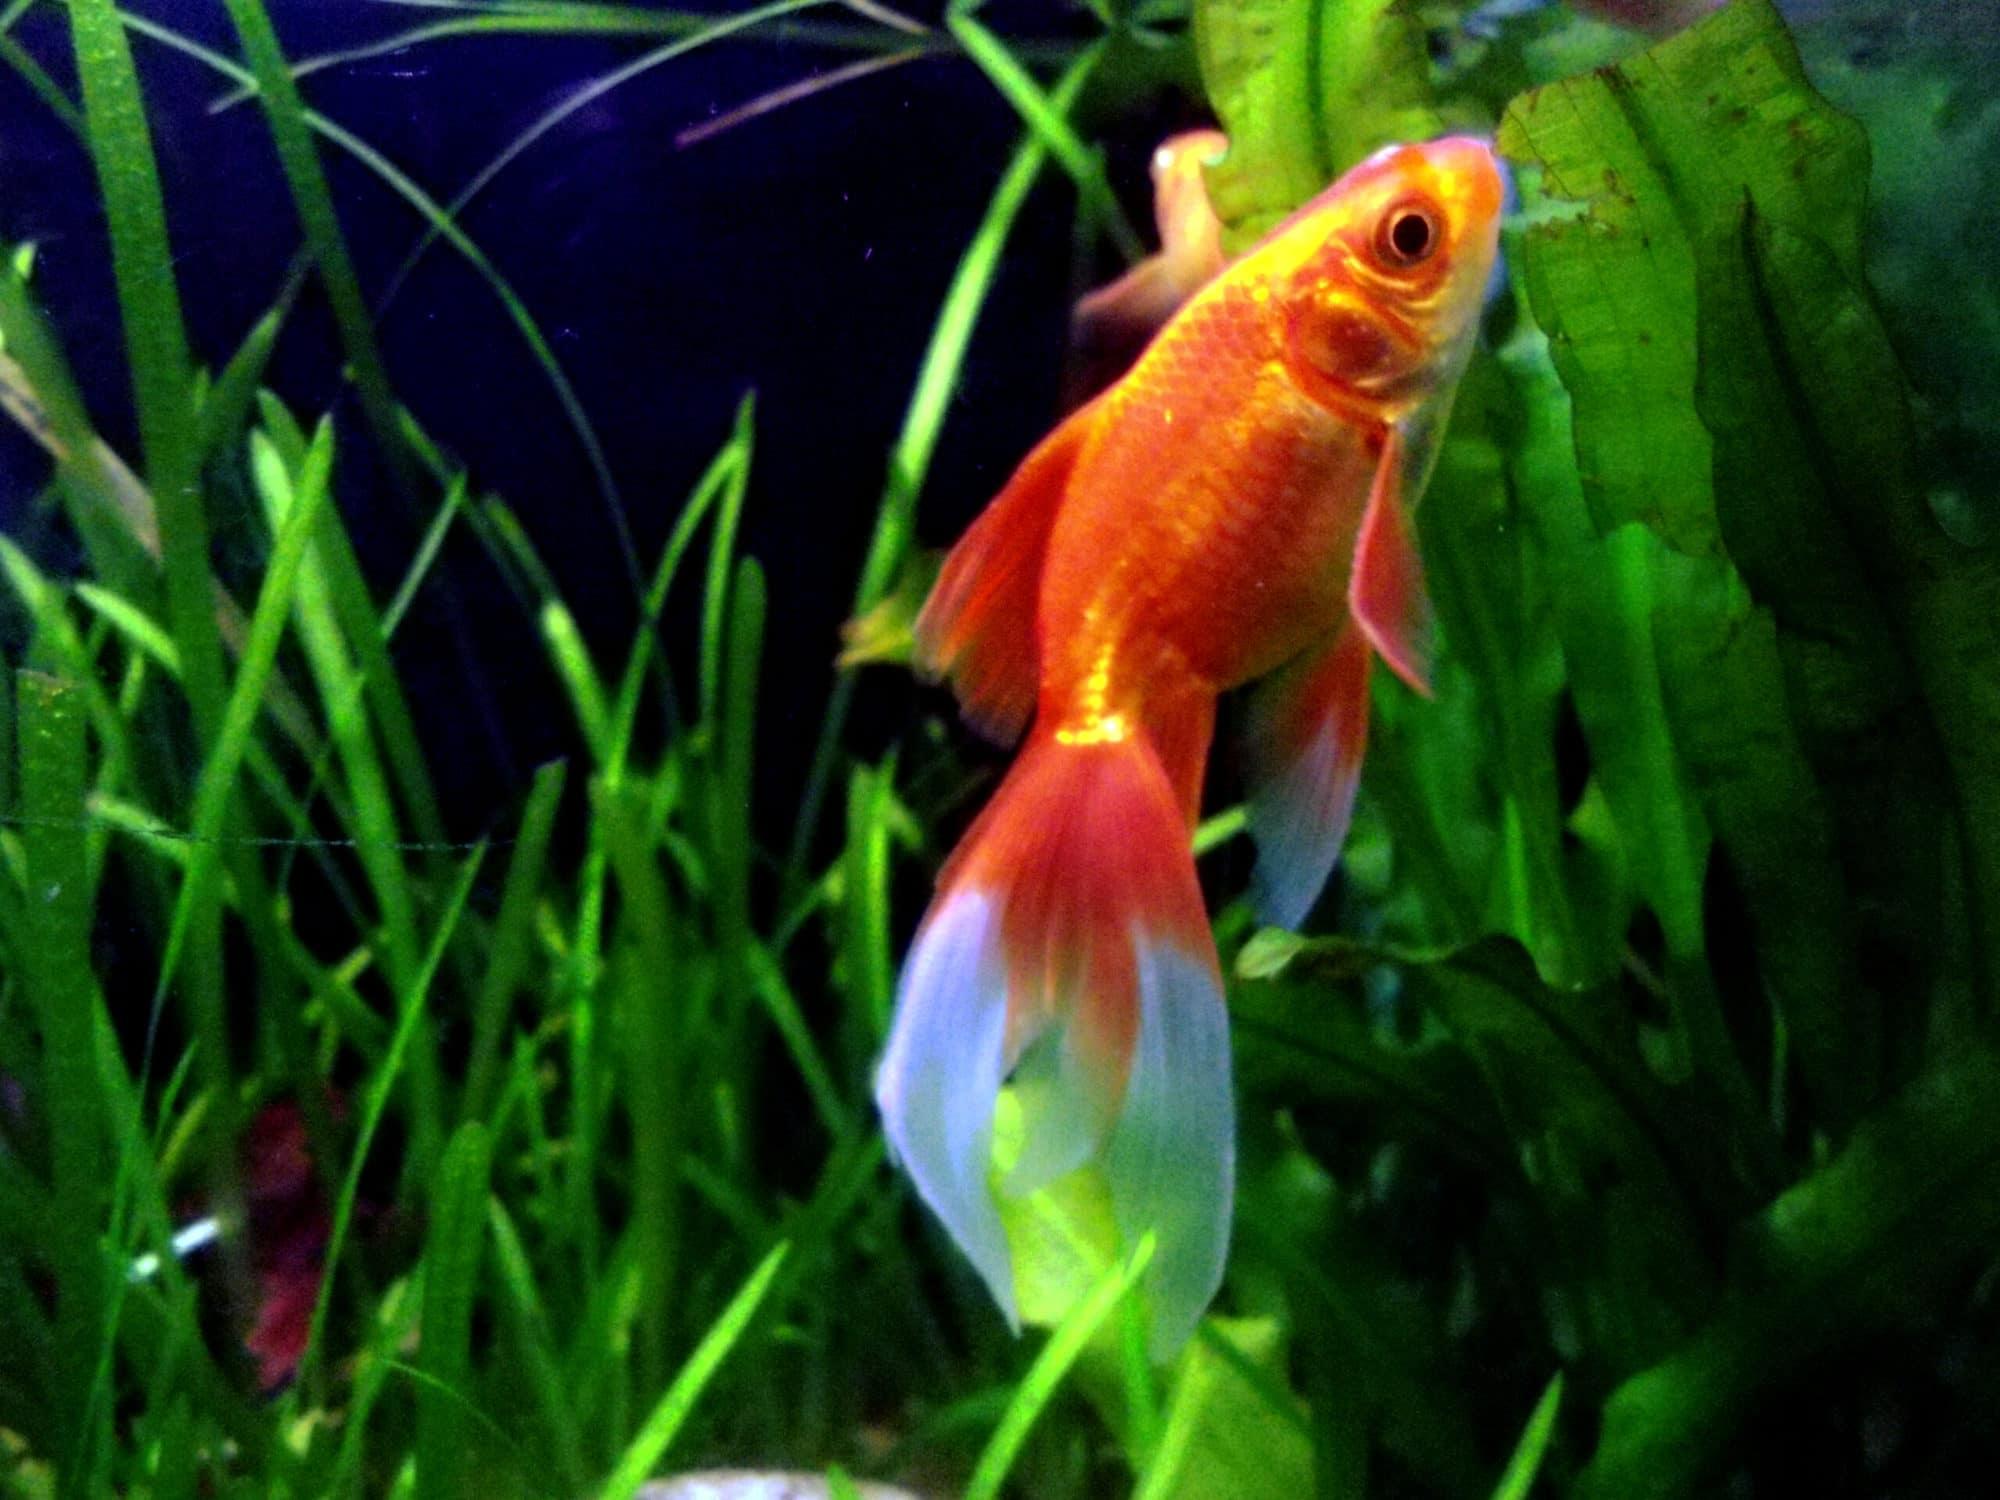 Carassius Auratus Goldfish at Meenalokam aquarium